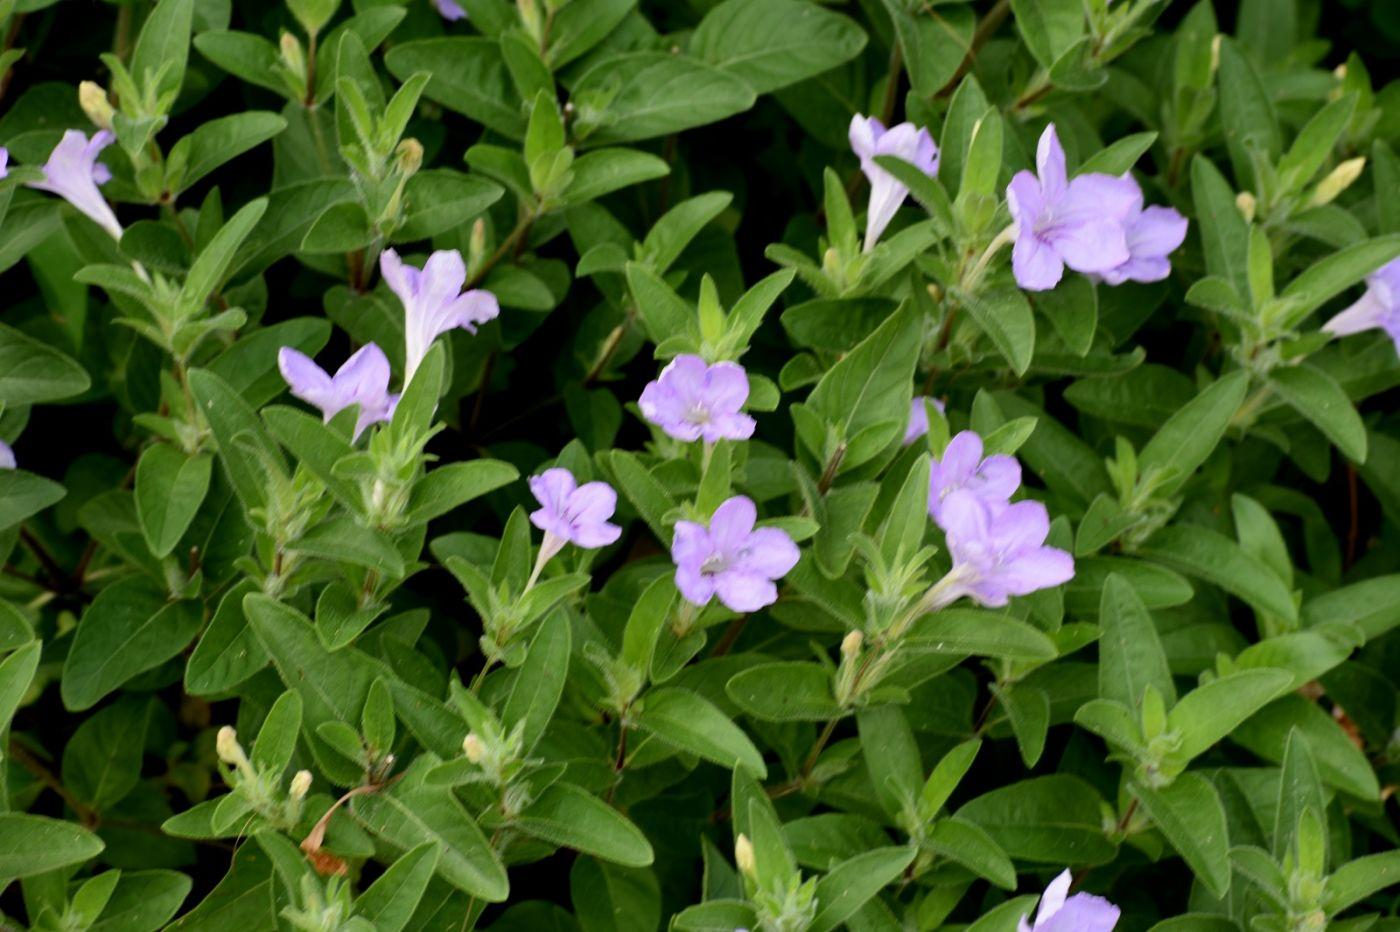 翠芦莉和蔓性芦莉_图1-23